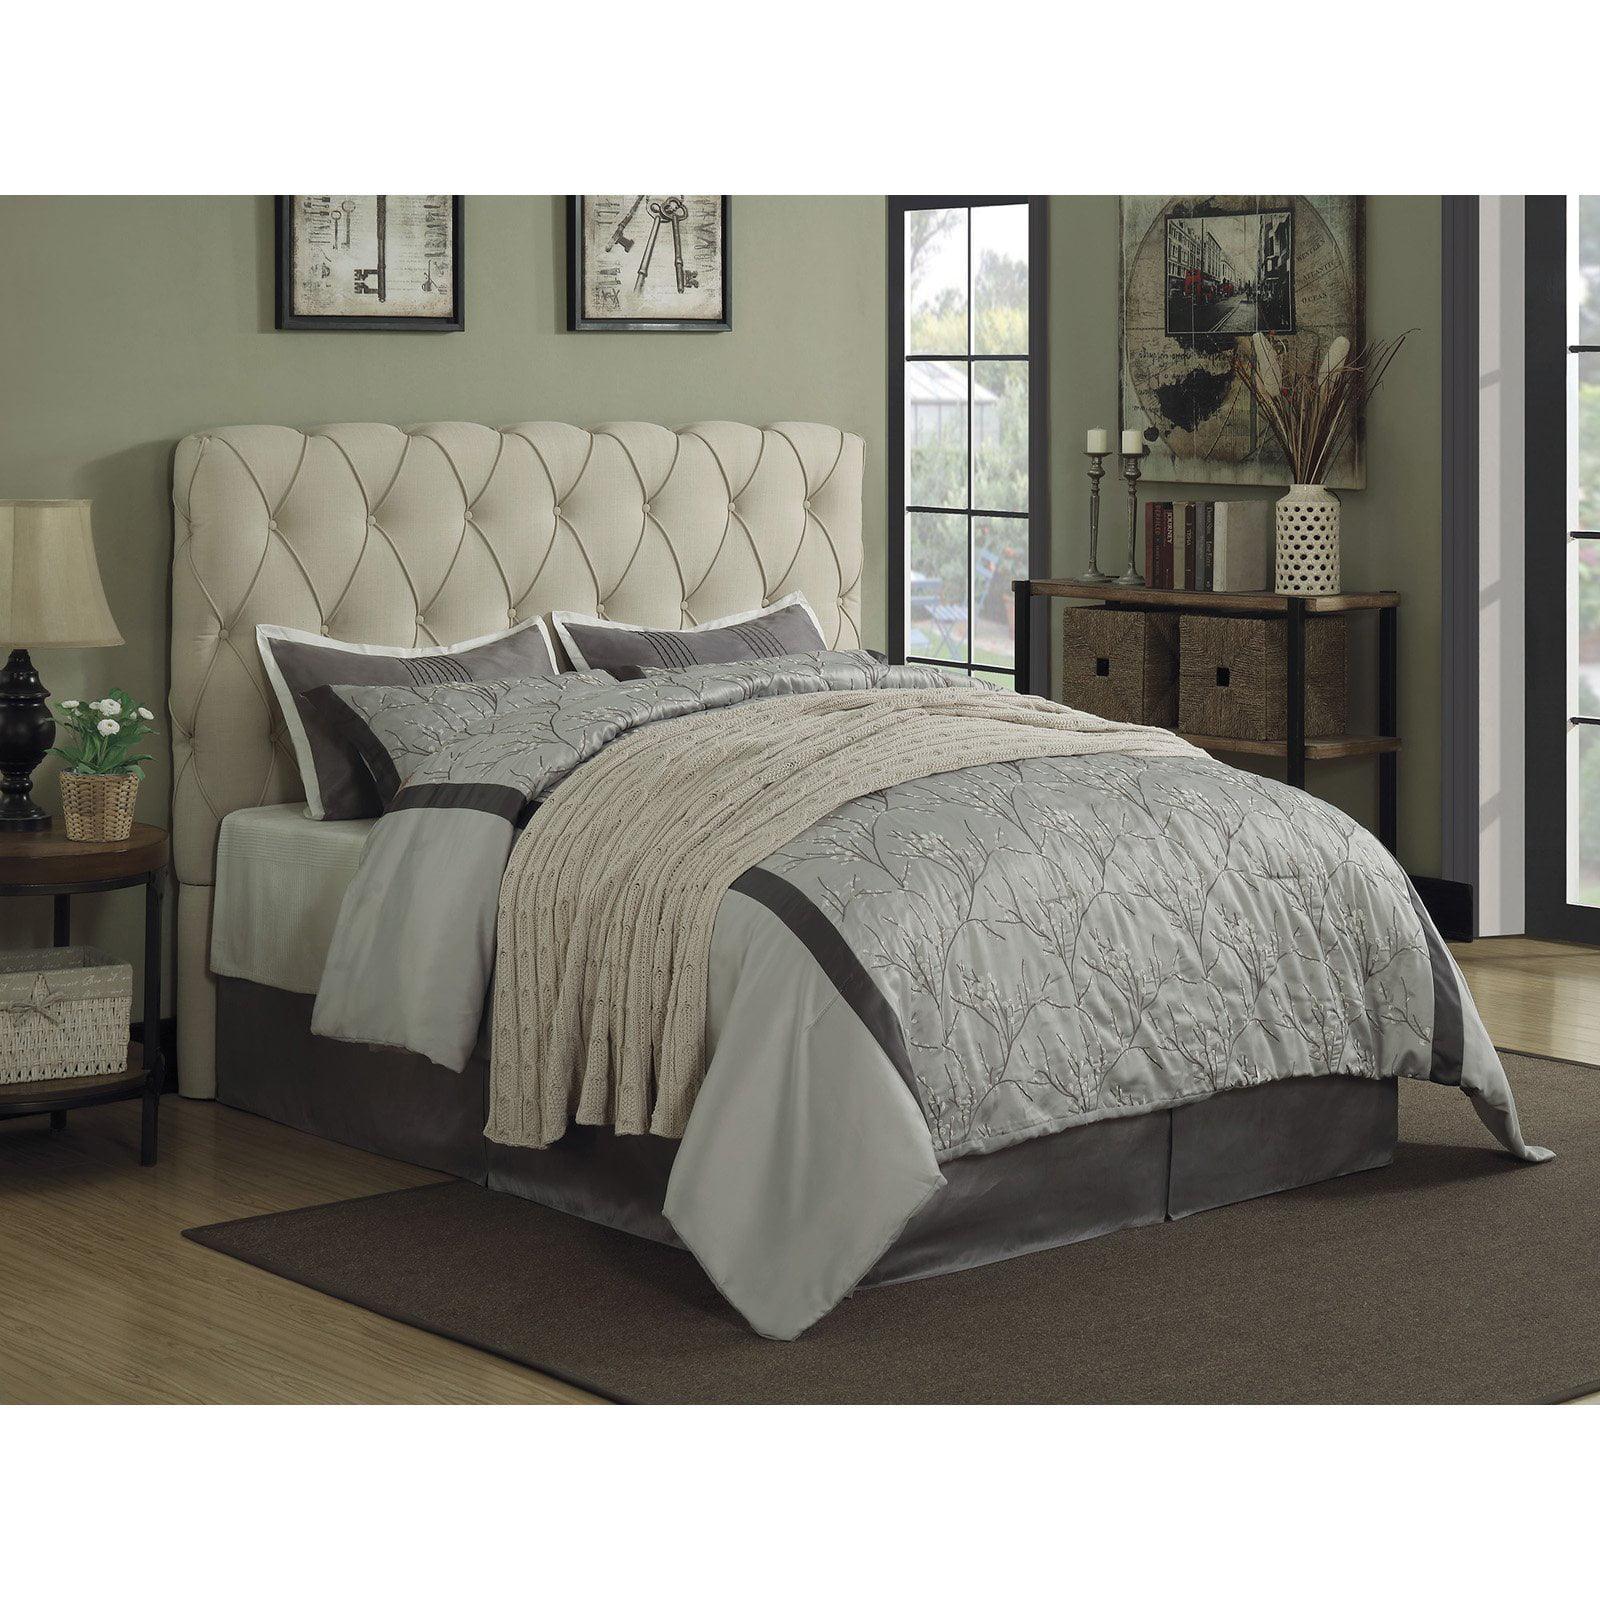 Coaster Furniture Elsinore Upholstered Panel Bed